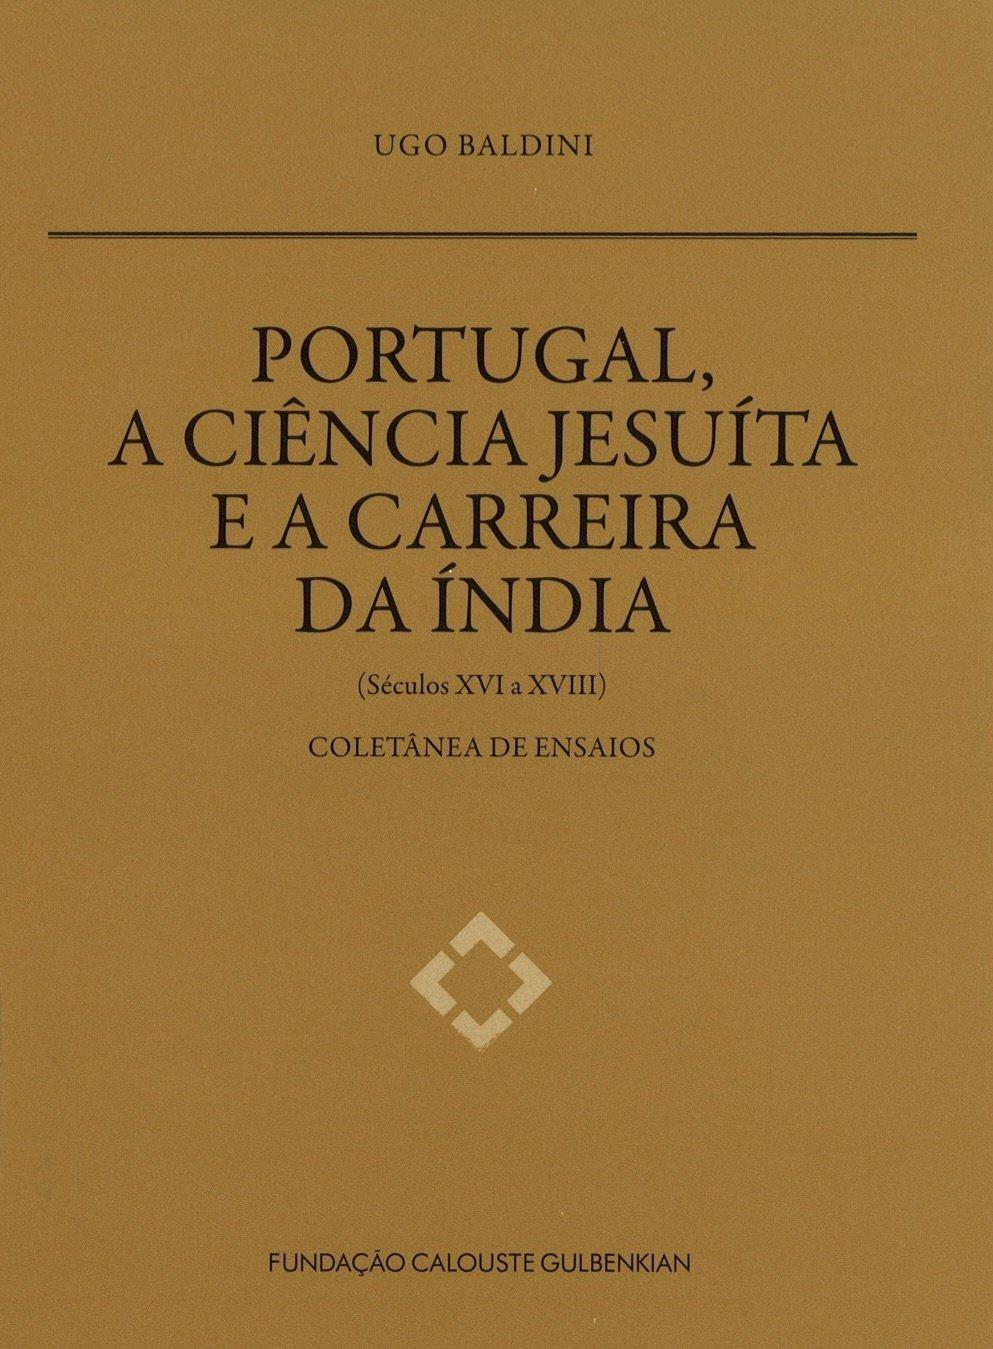 Portugal, a Ciência Jesuíta e a Carreira da Índia (séculos XVI a XVII): coletânea de ensaios, Capa